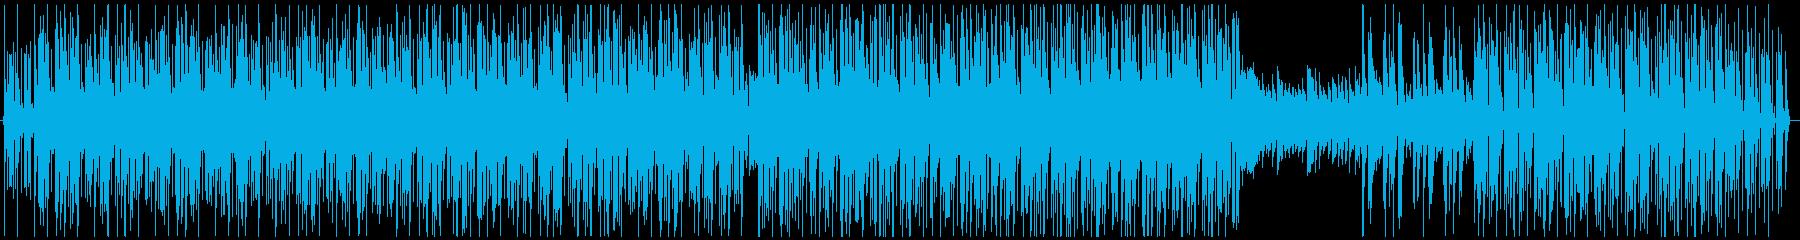 キュートでエレクトロなボサノバ風ラウンジの再生済みの波形